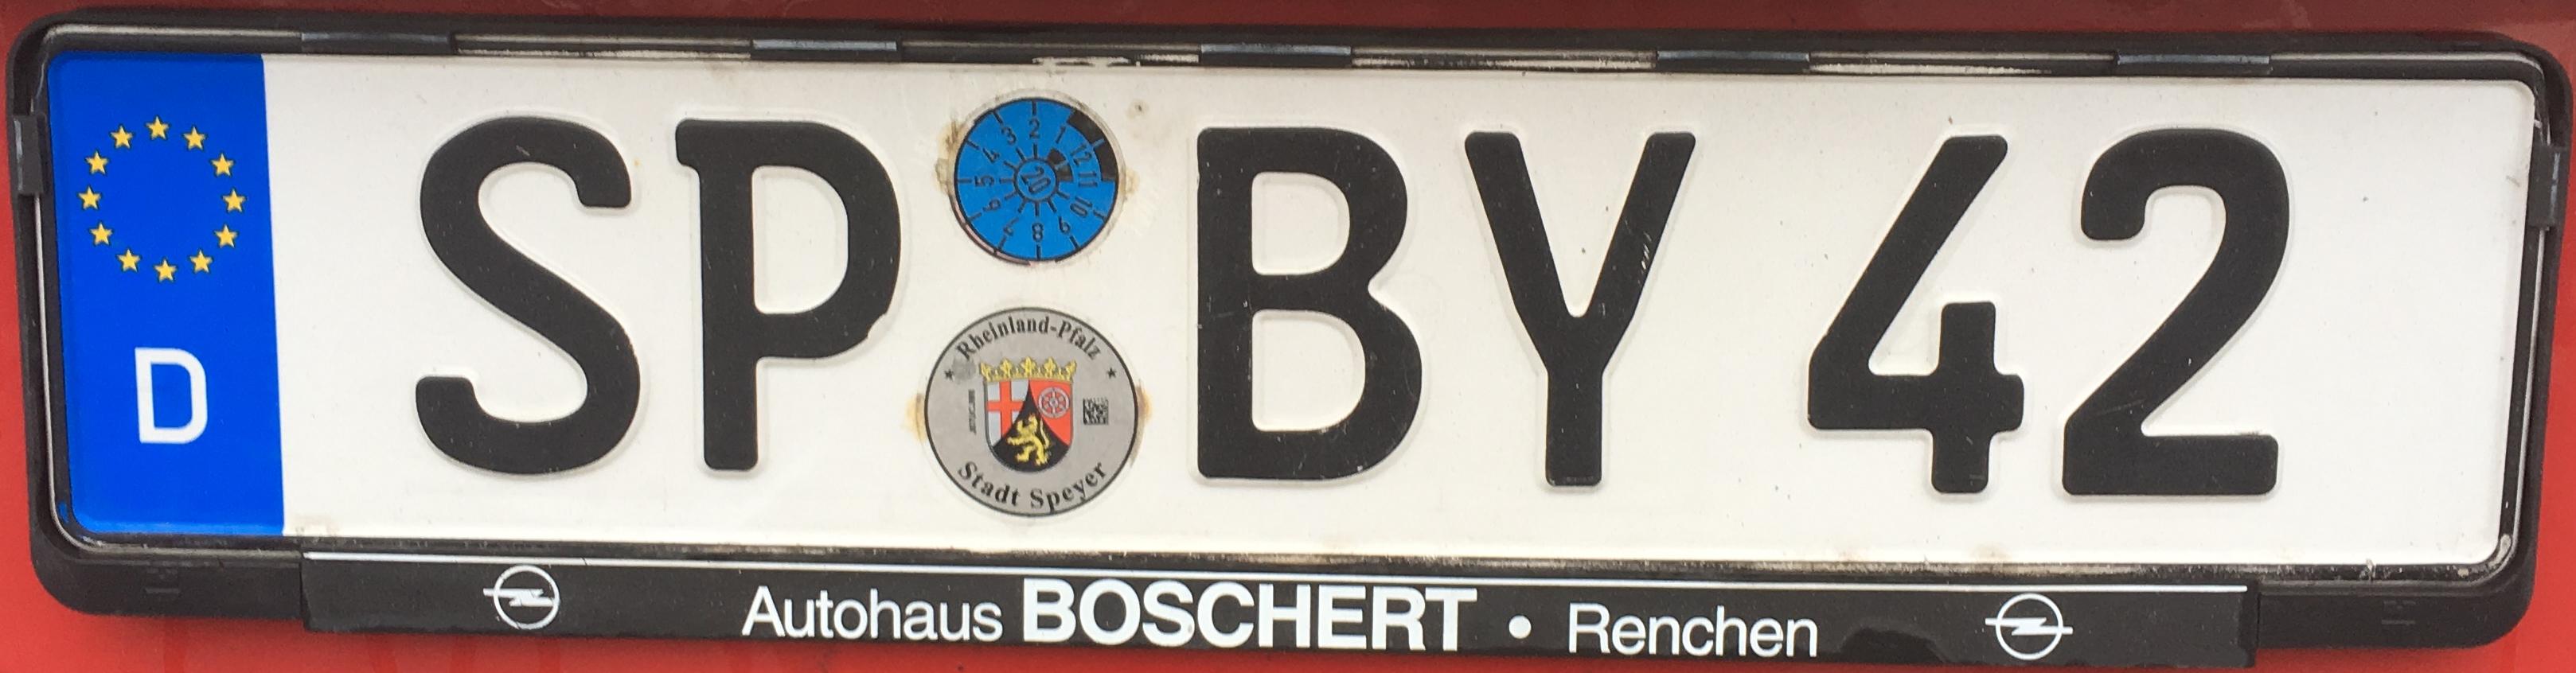 Registrační značky Německo - SP - město Speyer, foto: www.podalnici.cz